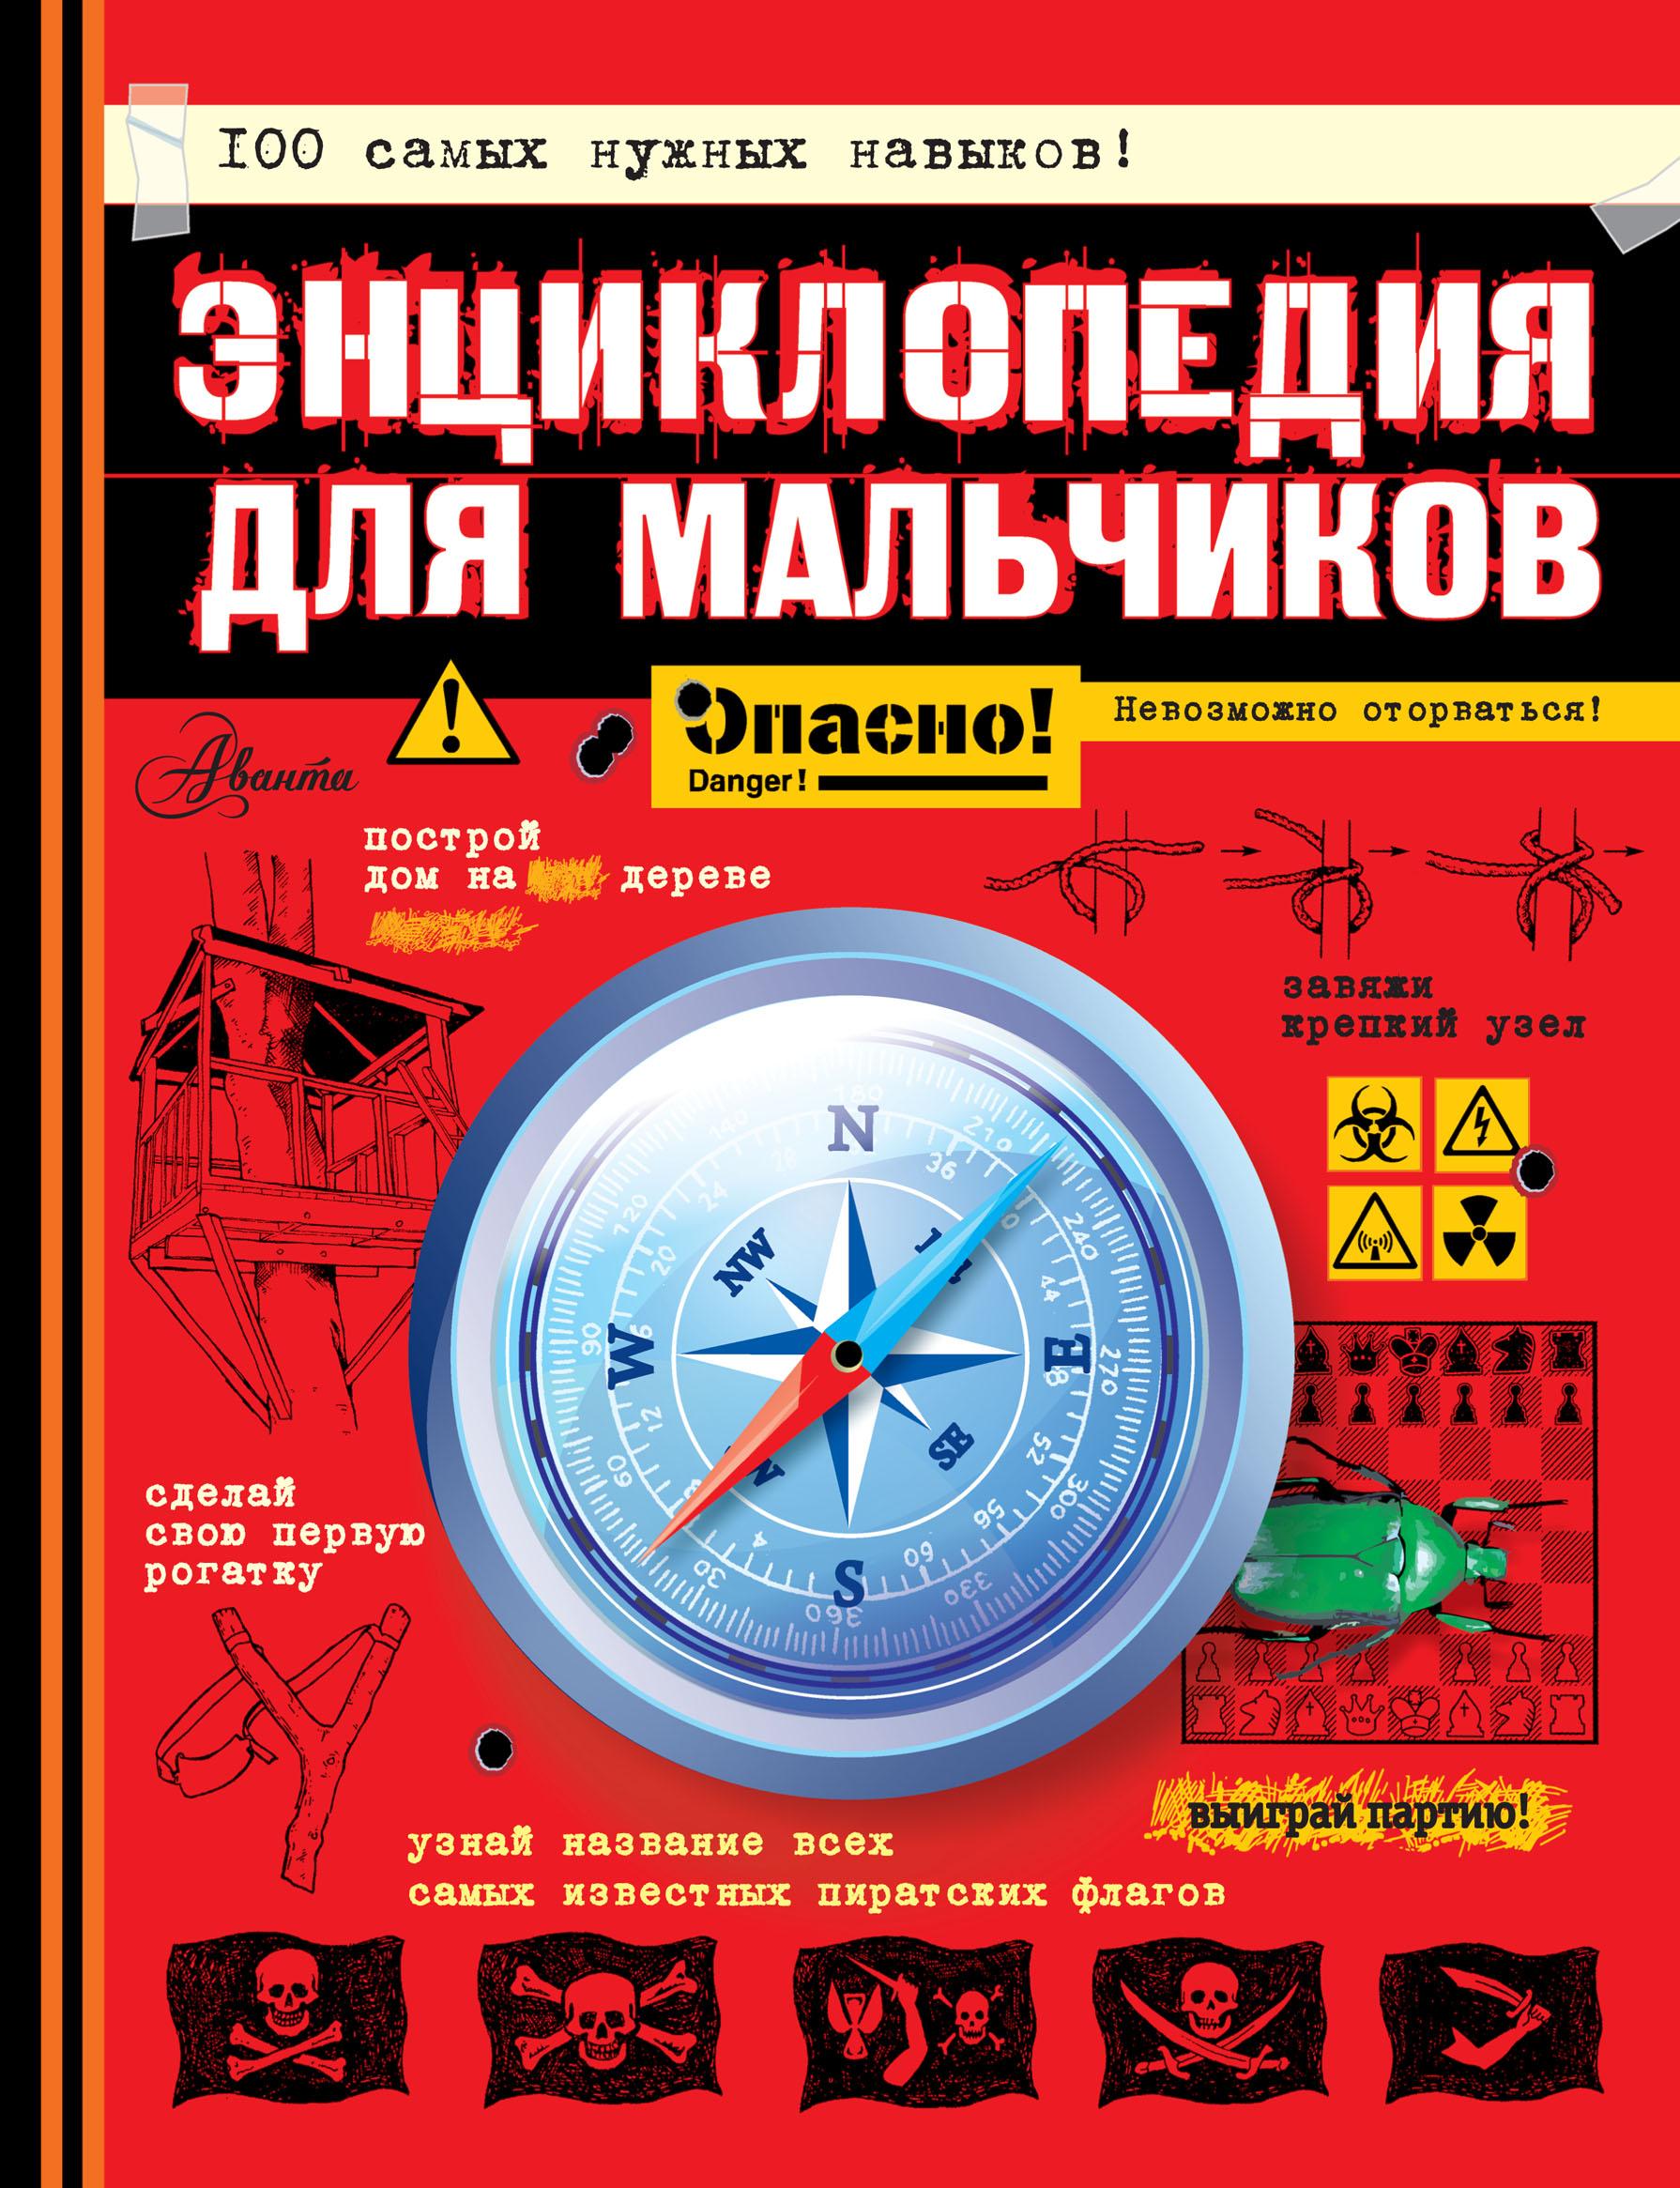 Энциклопедия для мальчиков. Опасно! Невозможно оторваться! от book24.ru